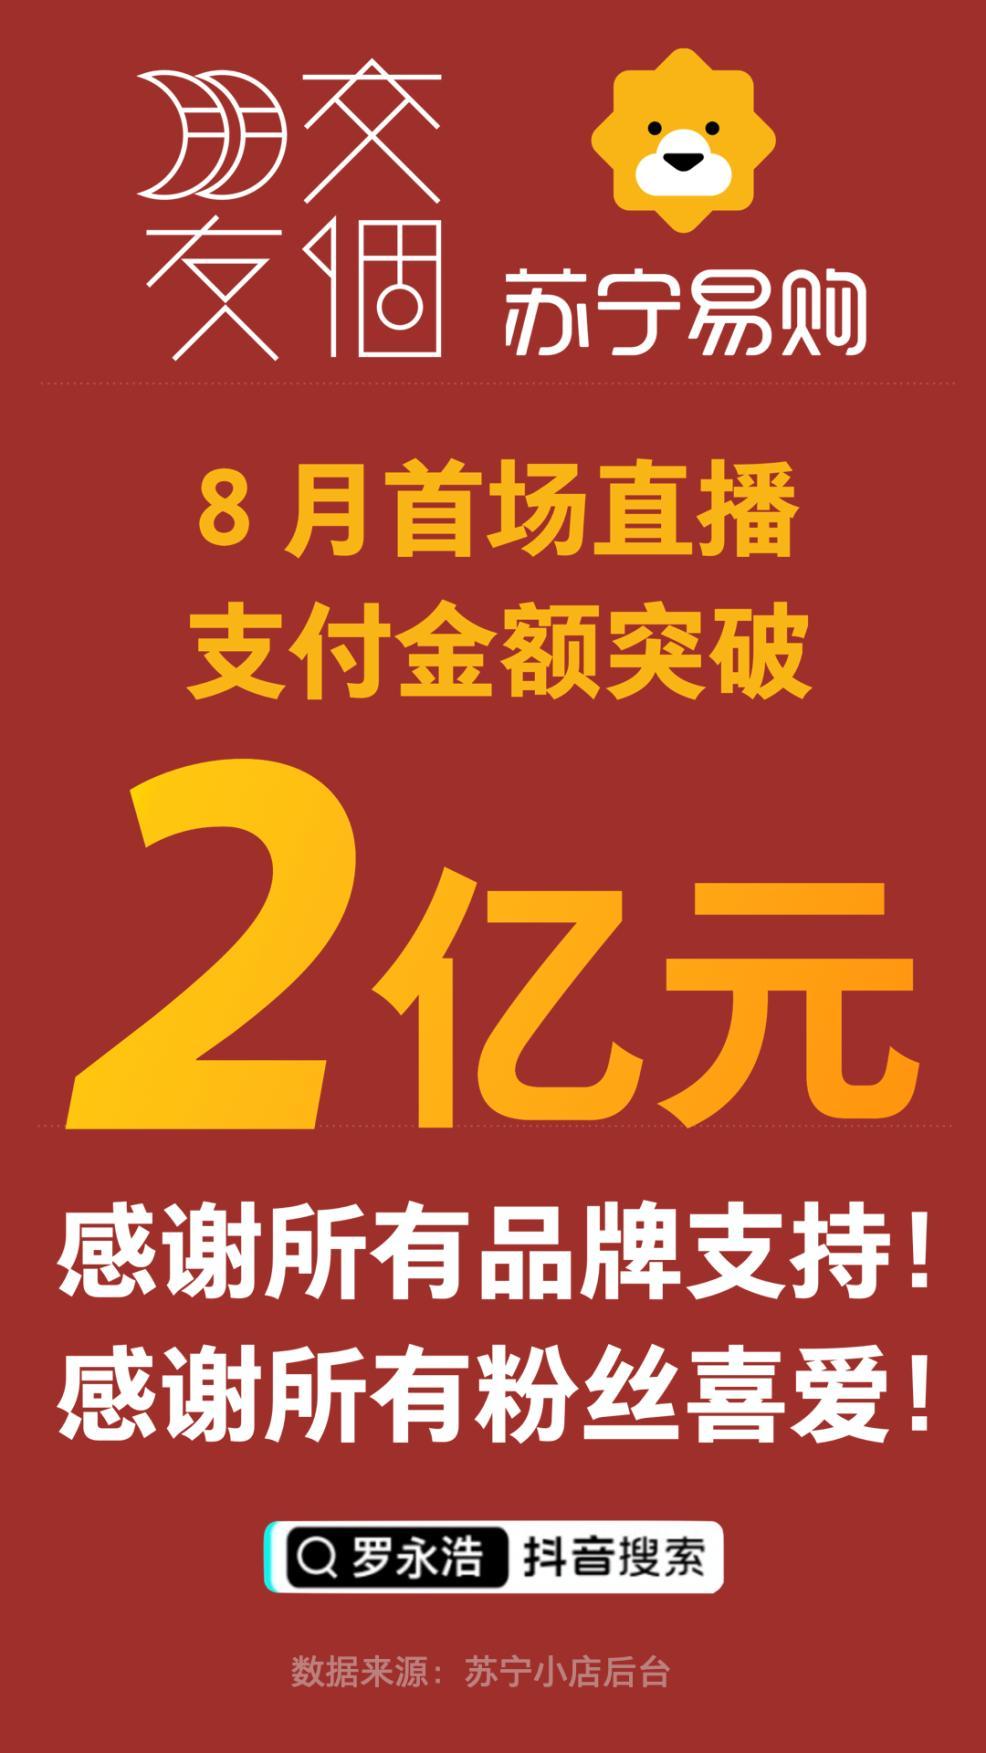 罗永浩直播带货最高纪录,单场破2亿,背靠苏宁易购供应链